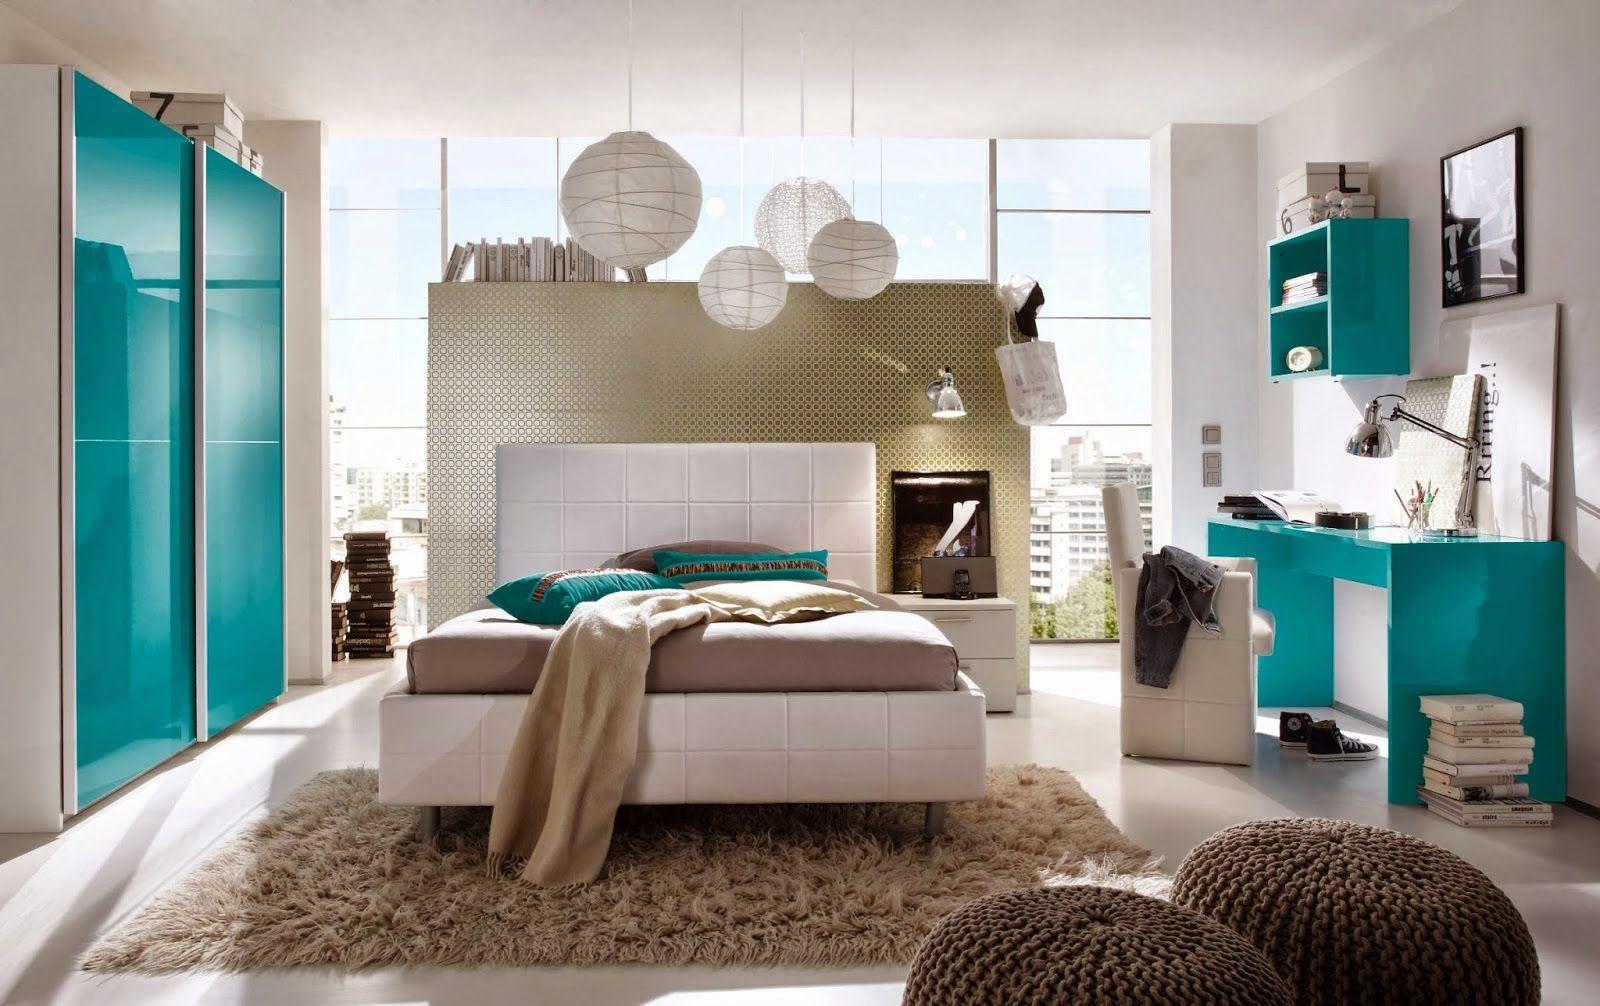 Dormitorios y habitaciones decoraci n y dise o de - Fotos habitacion juvenil ...